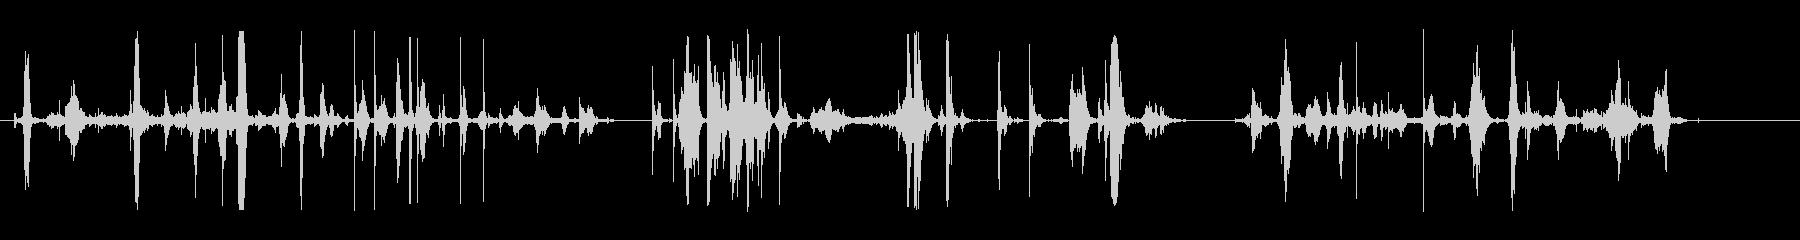 ファイト-3バージョンの未再生の波形